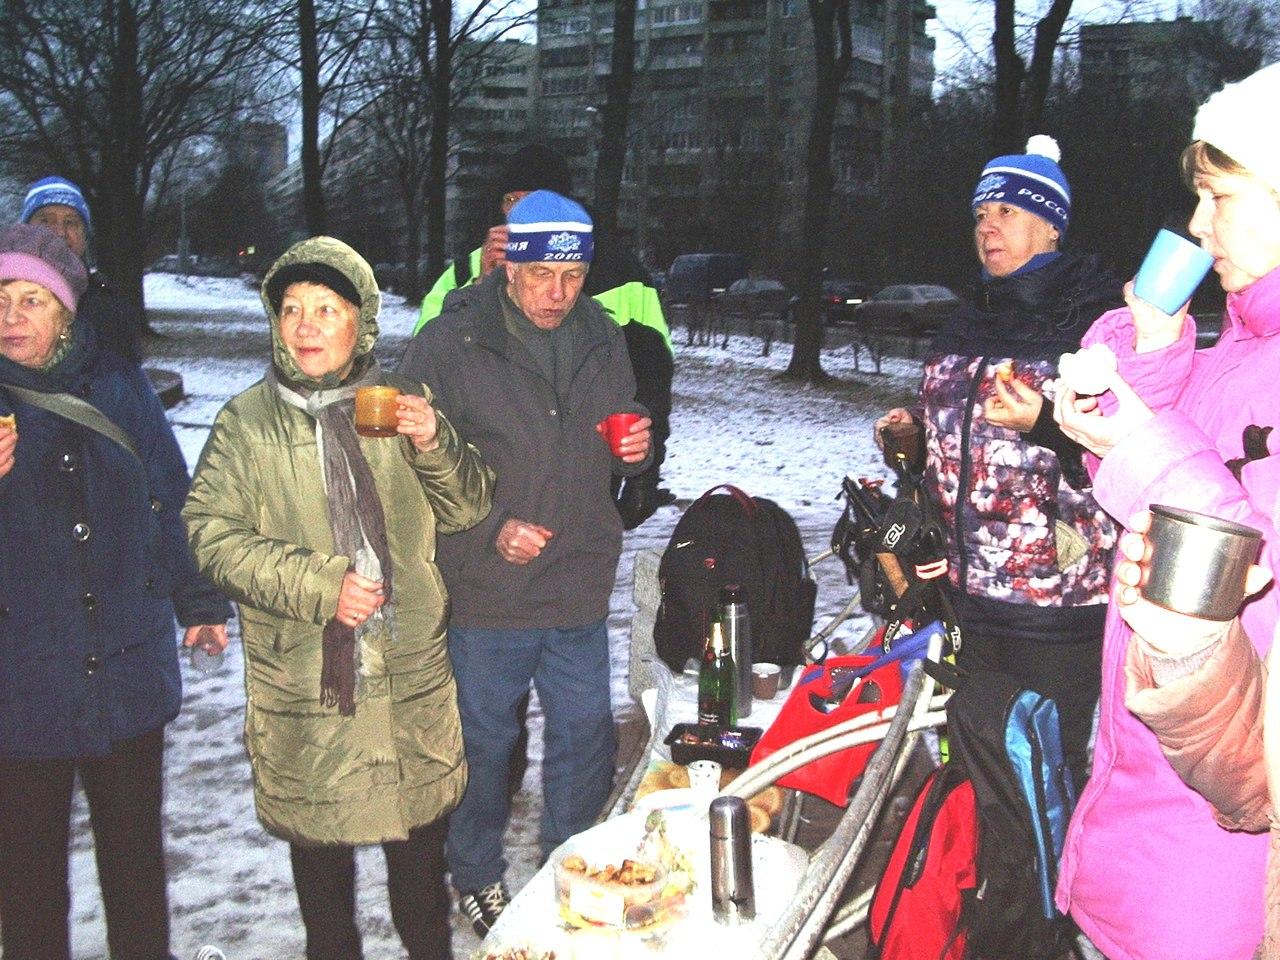 Новогодние старты. 29 декабря 2016 парк Турку. Группа Скандинавской ходьбы «Возрождение»